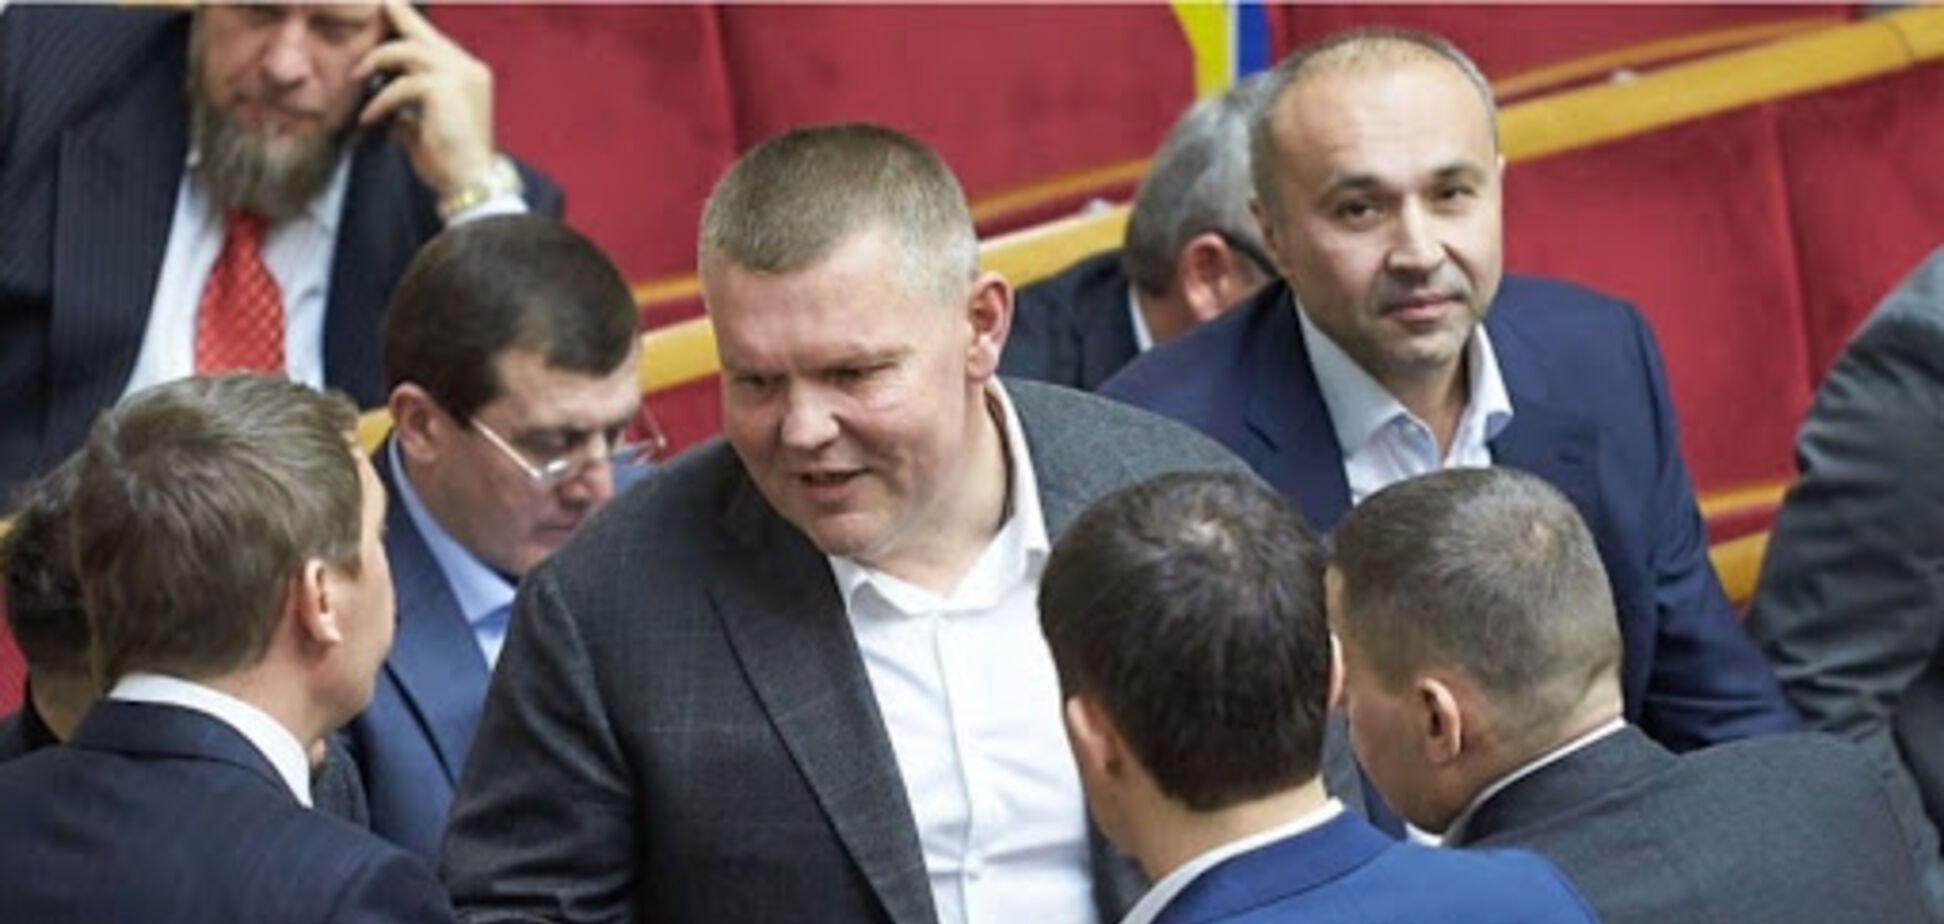 Смерть нардепа Давыденко: СМИ узнали детали дня трагедии